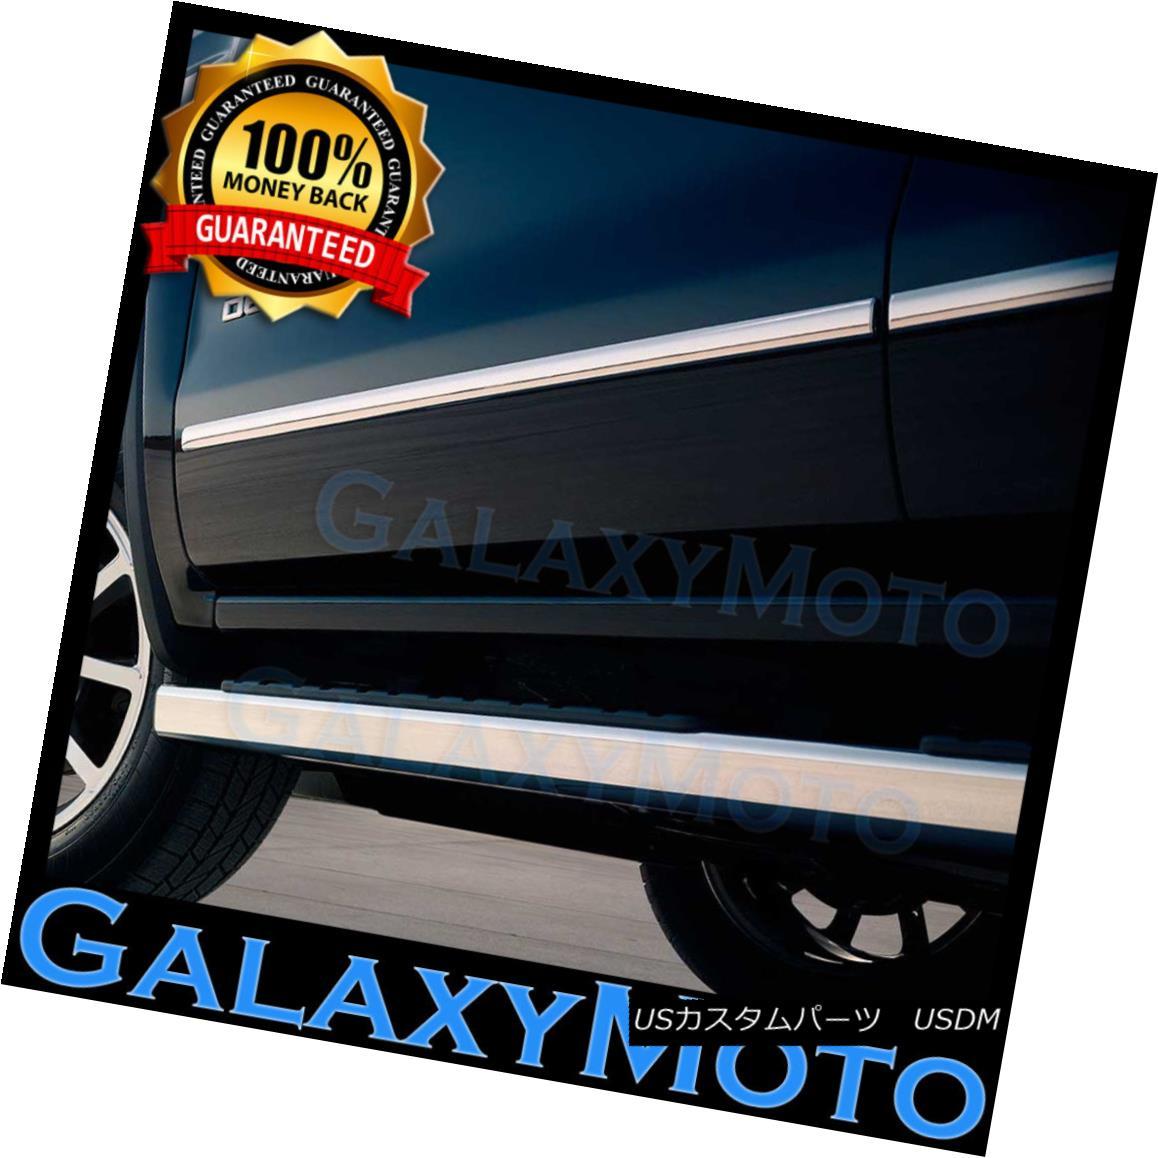 グリル 4 Door Front+Rear Chrome Trim Body Side Molding Bezel 15-16 GMC Yukon XL SUV 4ドアフロント+リアクロムトリムボディサイドモールディングベゼル15-16 GMCユーコンXL SUV